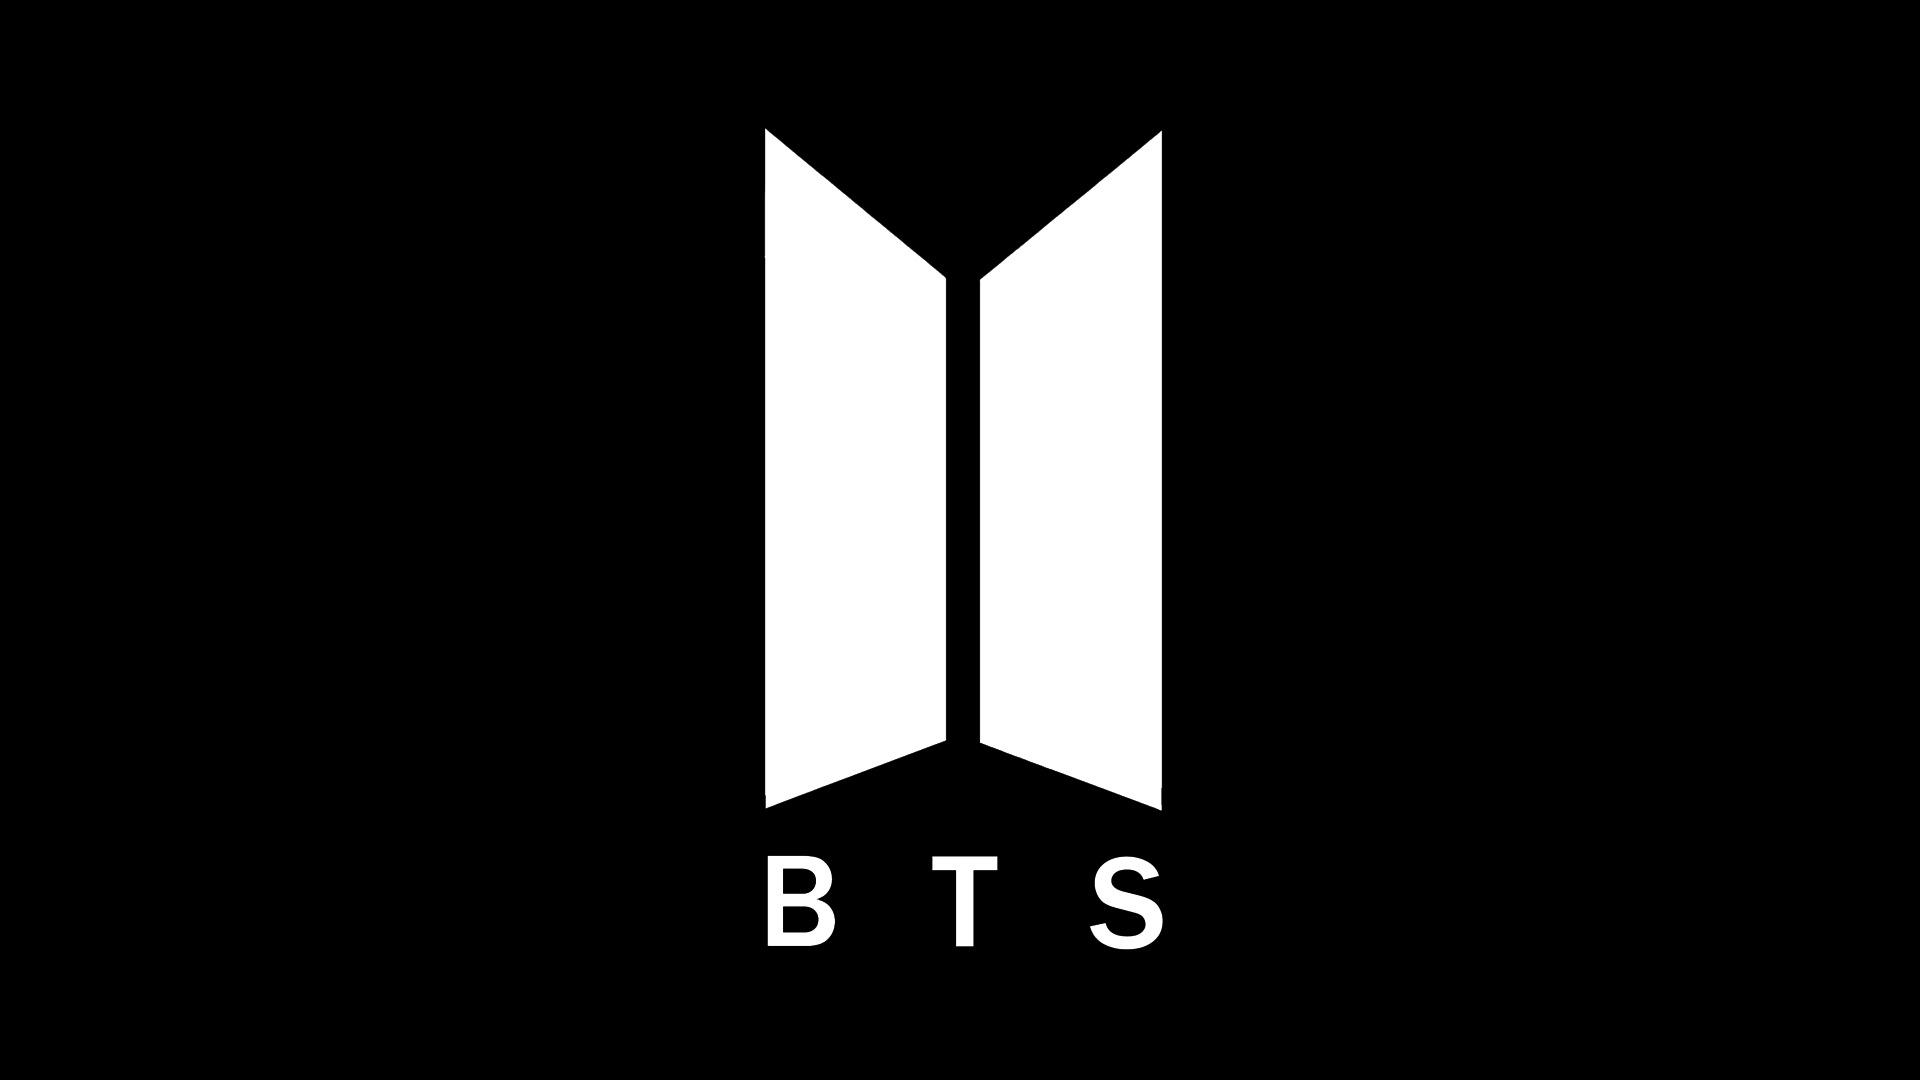 bts logo histoire et signification evolution symbole bts